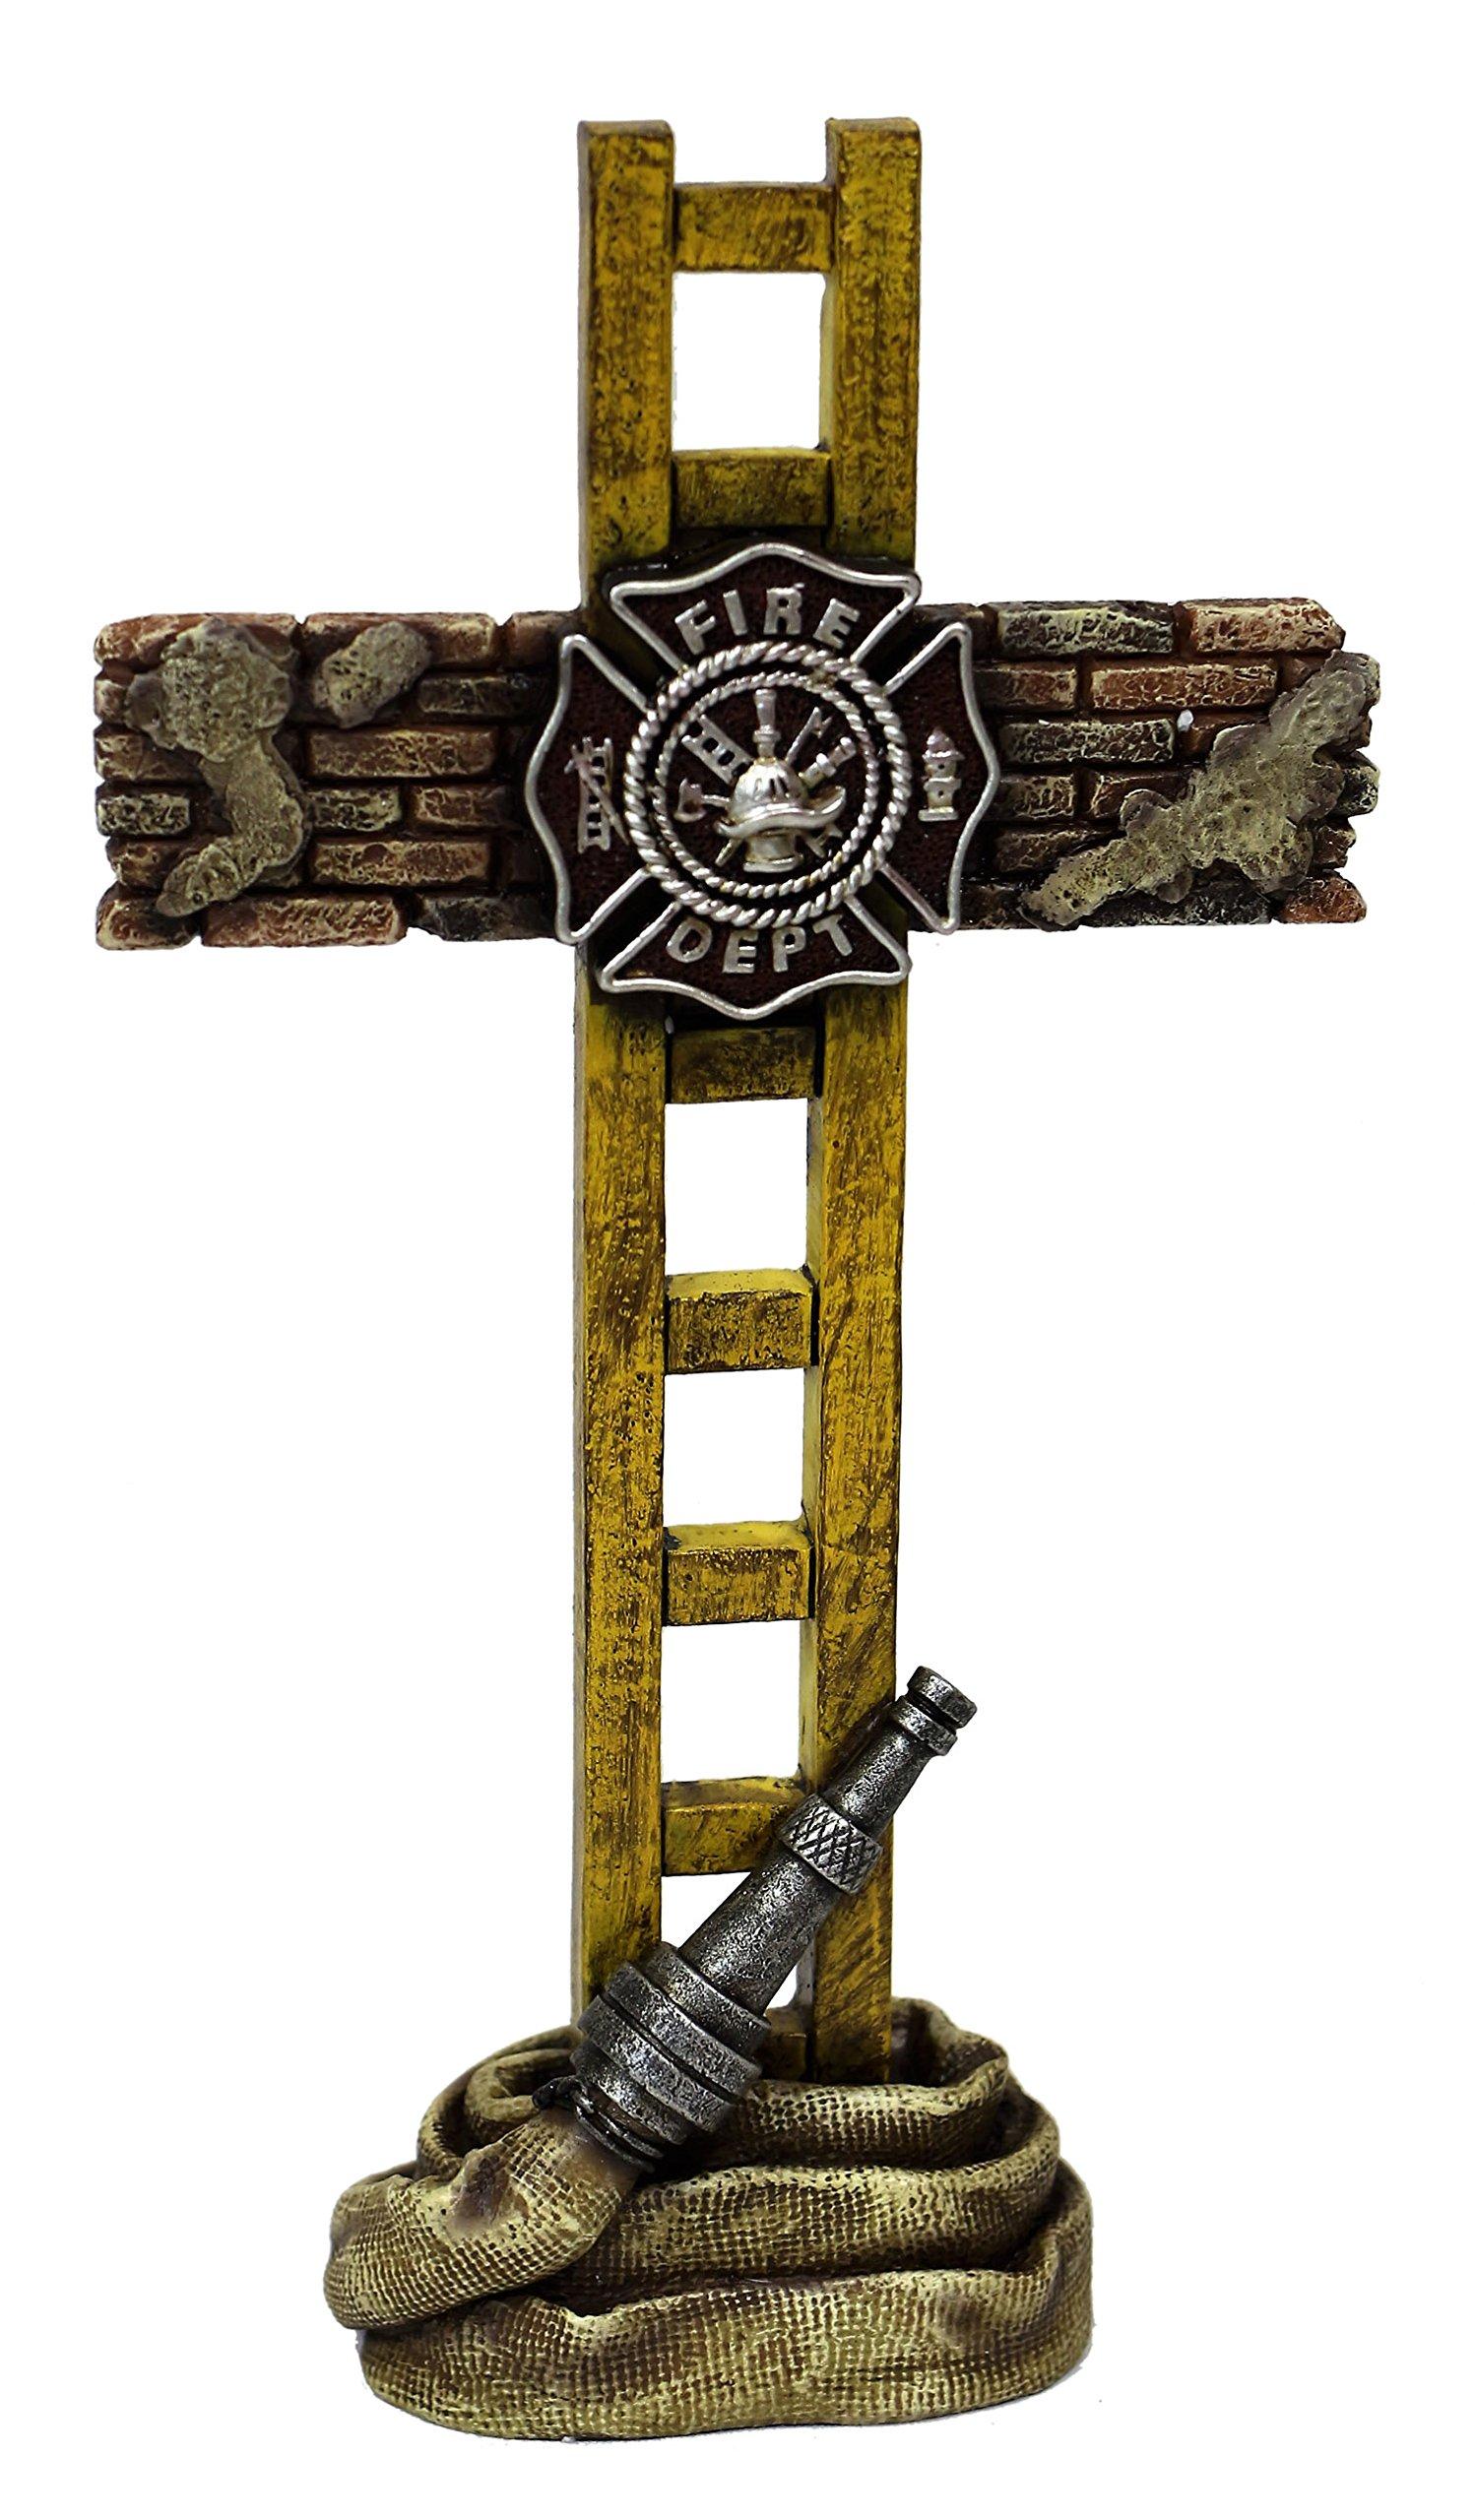 Marco Int'l US Fire Fighter Fireman Standing Cross Statue memorial 10'' H